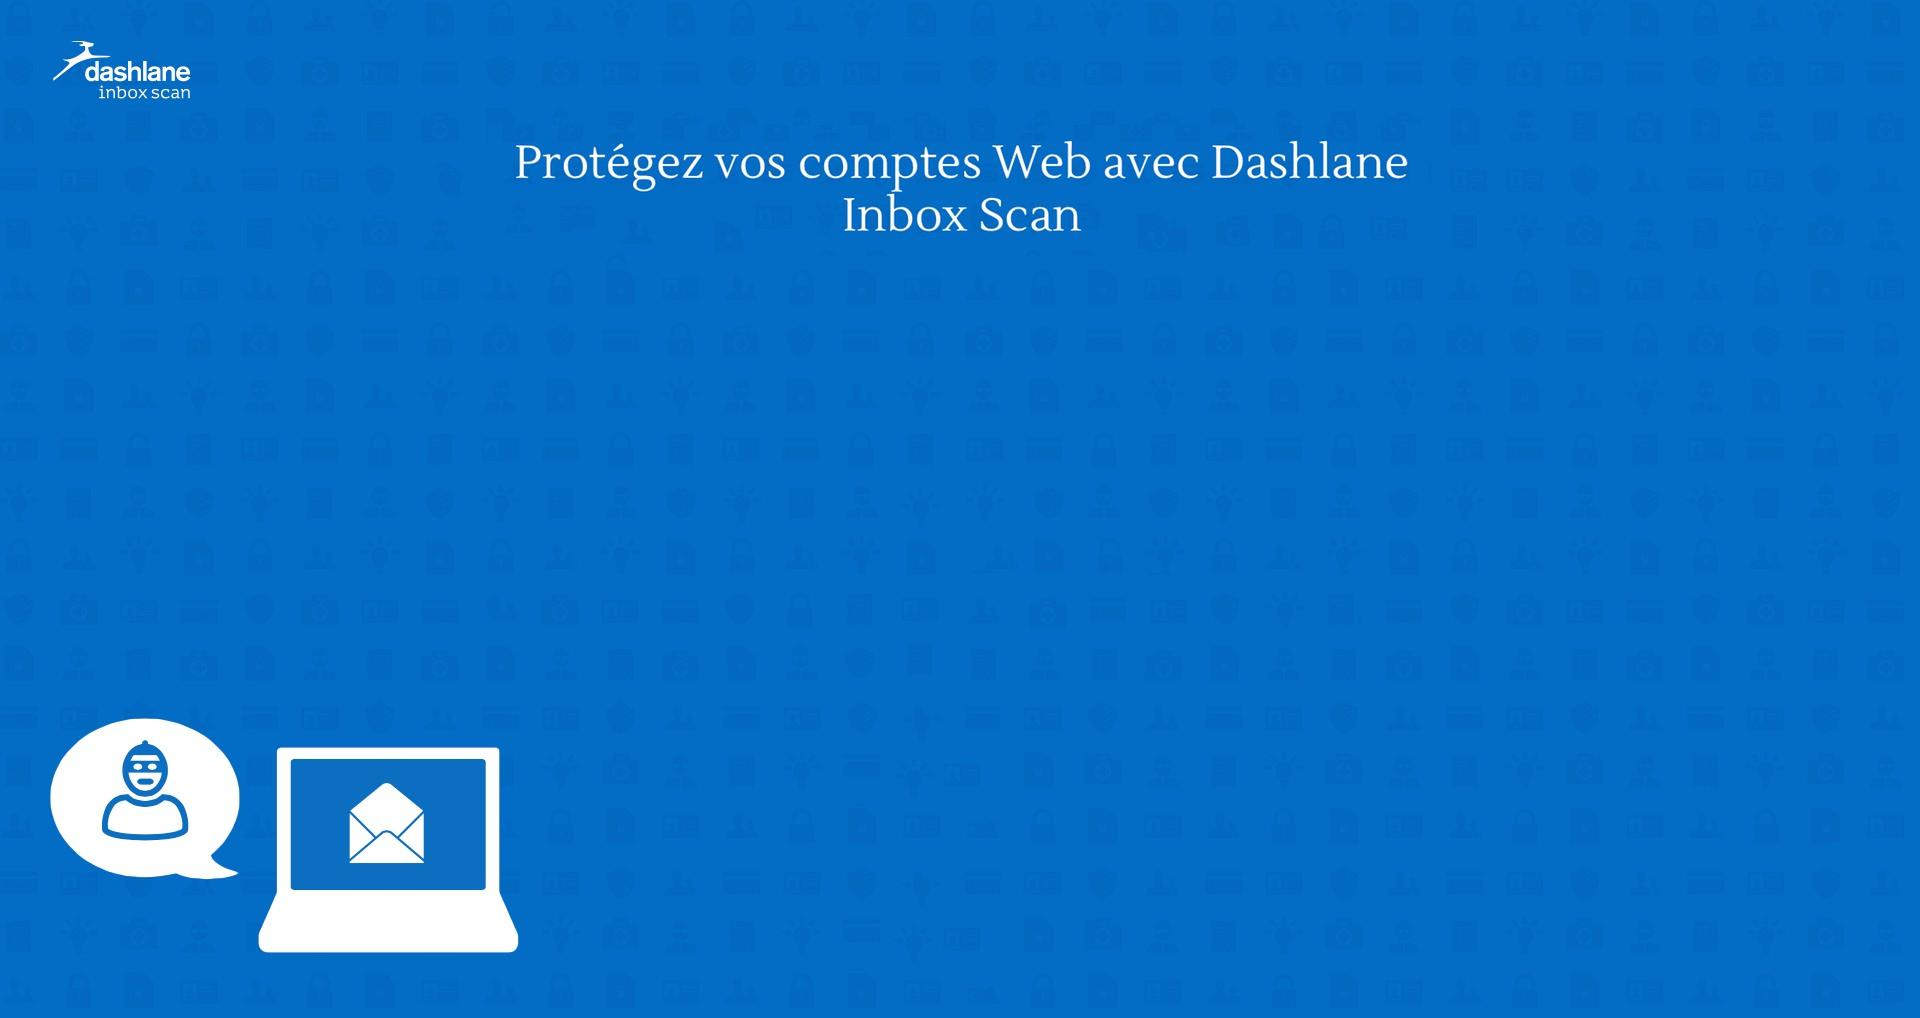 Dashlane Inbox Scan —Dossier sécurité